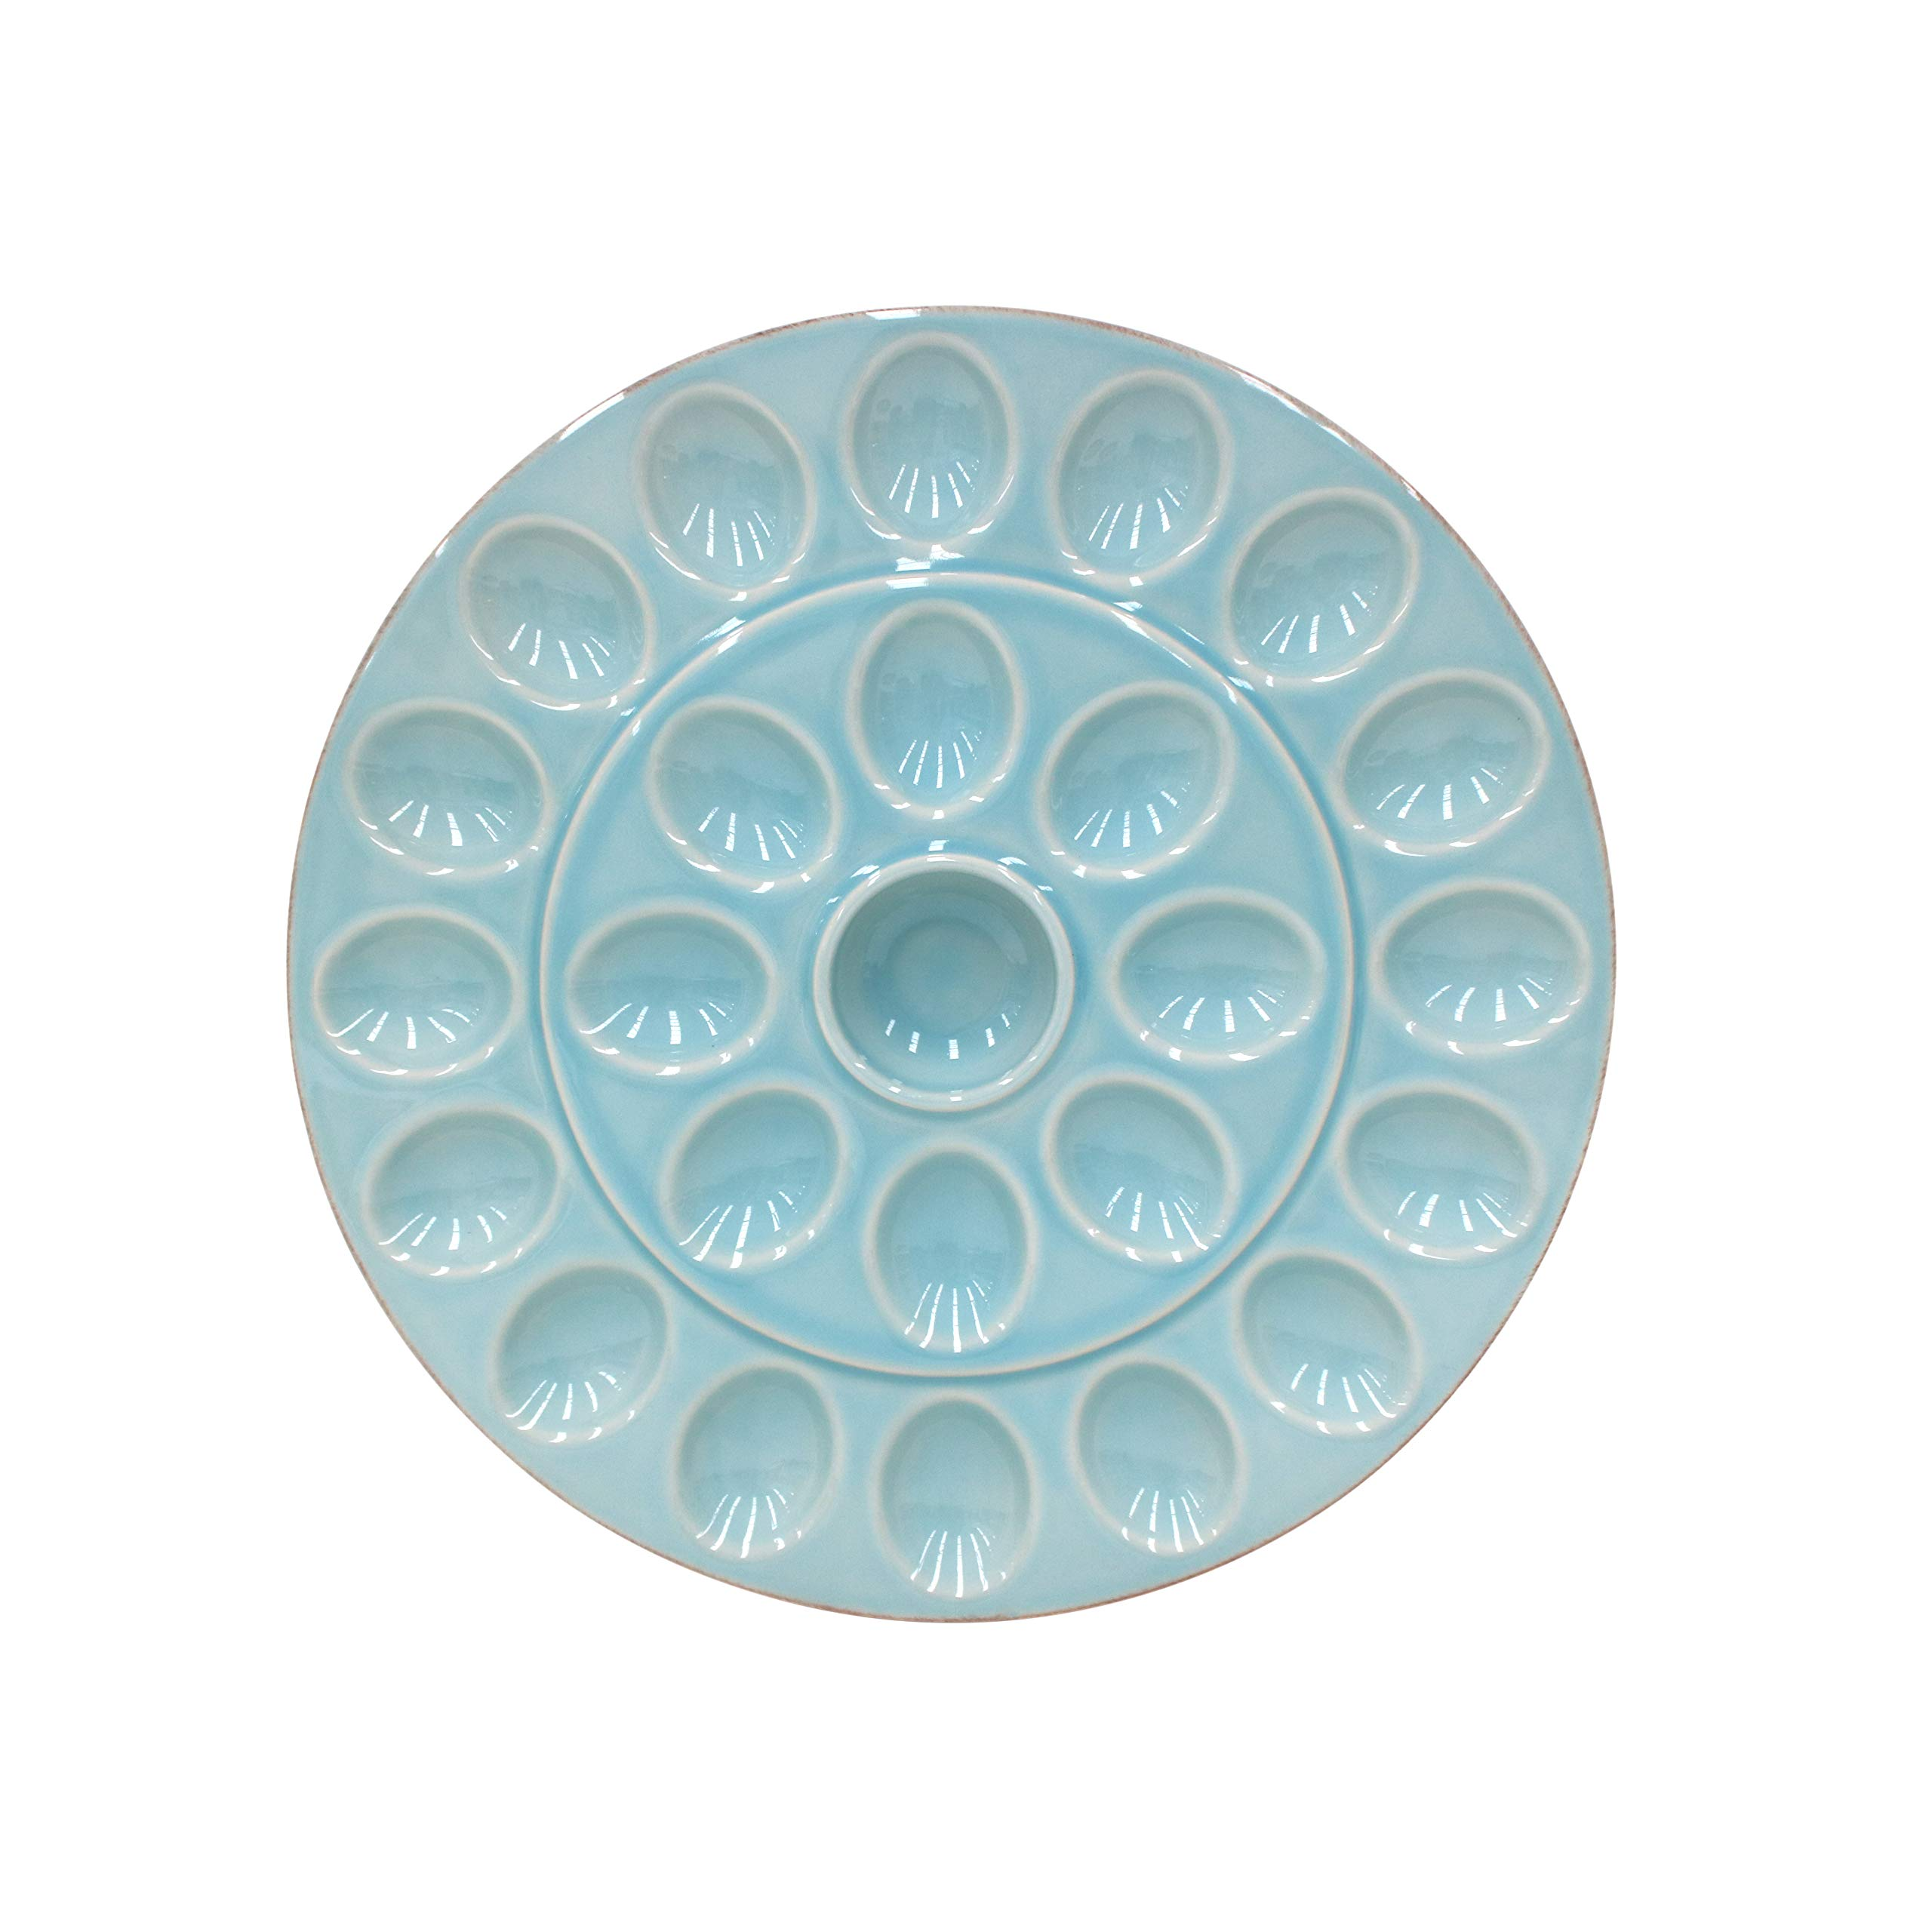 Casafina Cook & Host Deviled Egg Serving Platter 13.25'', Blue by Casafina (Image #1)